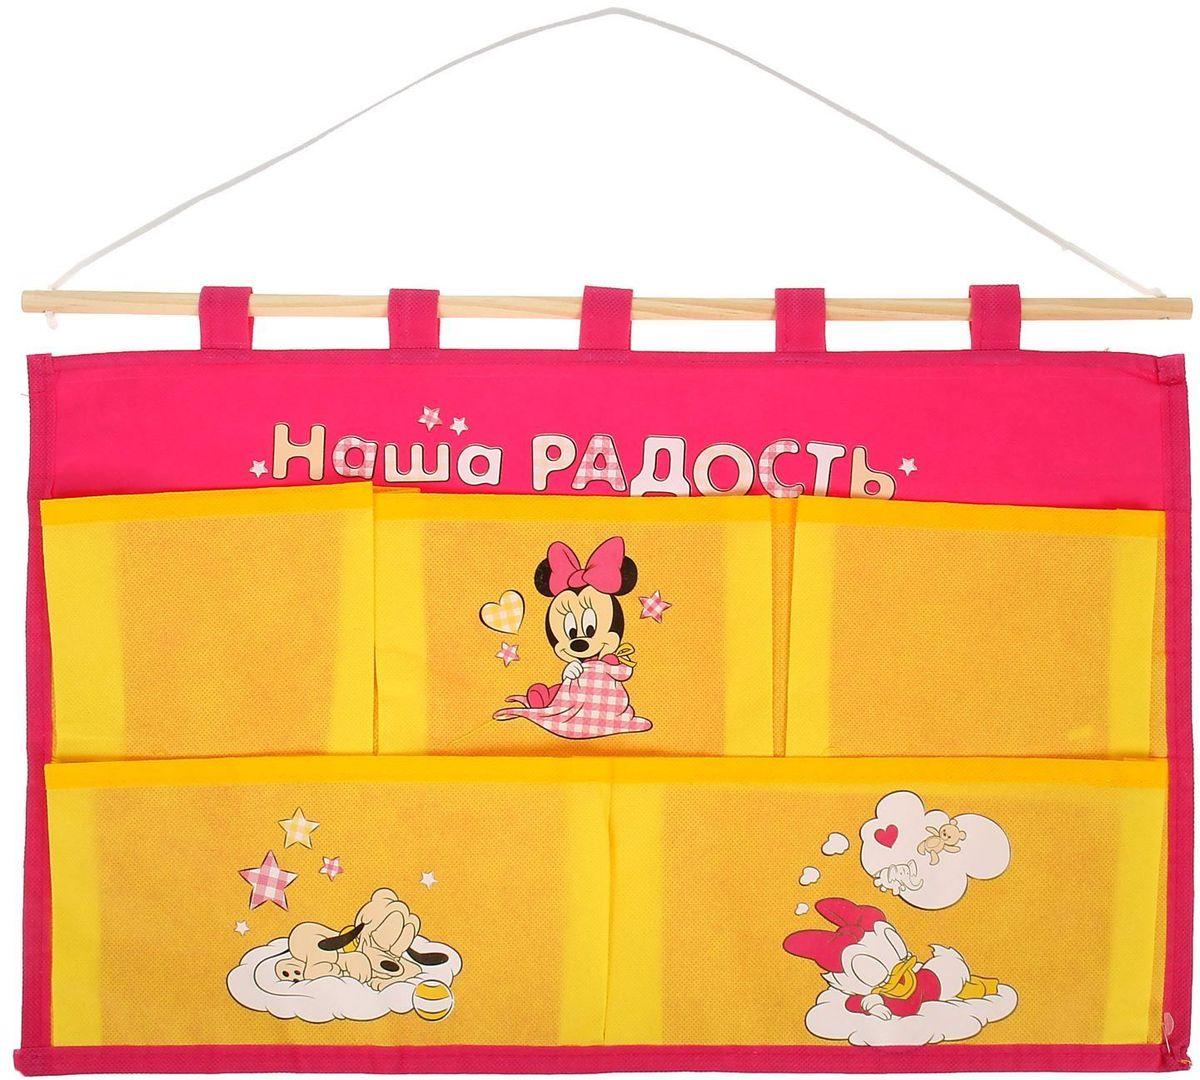 Disney Кармашки настенные на 5 отделений Наша радость Минни Маус1162112Порядок с любимыми героями Disney. Украсьте комнату ребёнка стильным и полезным аксессуаром. Настенные кармашки организуют вещи малышки и помогут содержать комнату в чистоте и порядке. Положите туда игрушки или одежду, и детская преобразится! Кармашки даже можно использовать в ванной комнате.Набор из нетканого материала спанбонд крепится на деревянную палочку, а вся конструкция подвешивается за верёвку. Яркие рисунки с любимыми персонажами нанесены по термотрансферной технологии.Изделие упаковано в прозрачный пакет, к которому прилагается небольшой шильд с героем Disney, где можно написать тёплые слова и пожелания для адресата.Соберите коллекцию аксессуаров с любимыми героями!